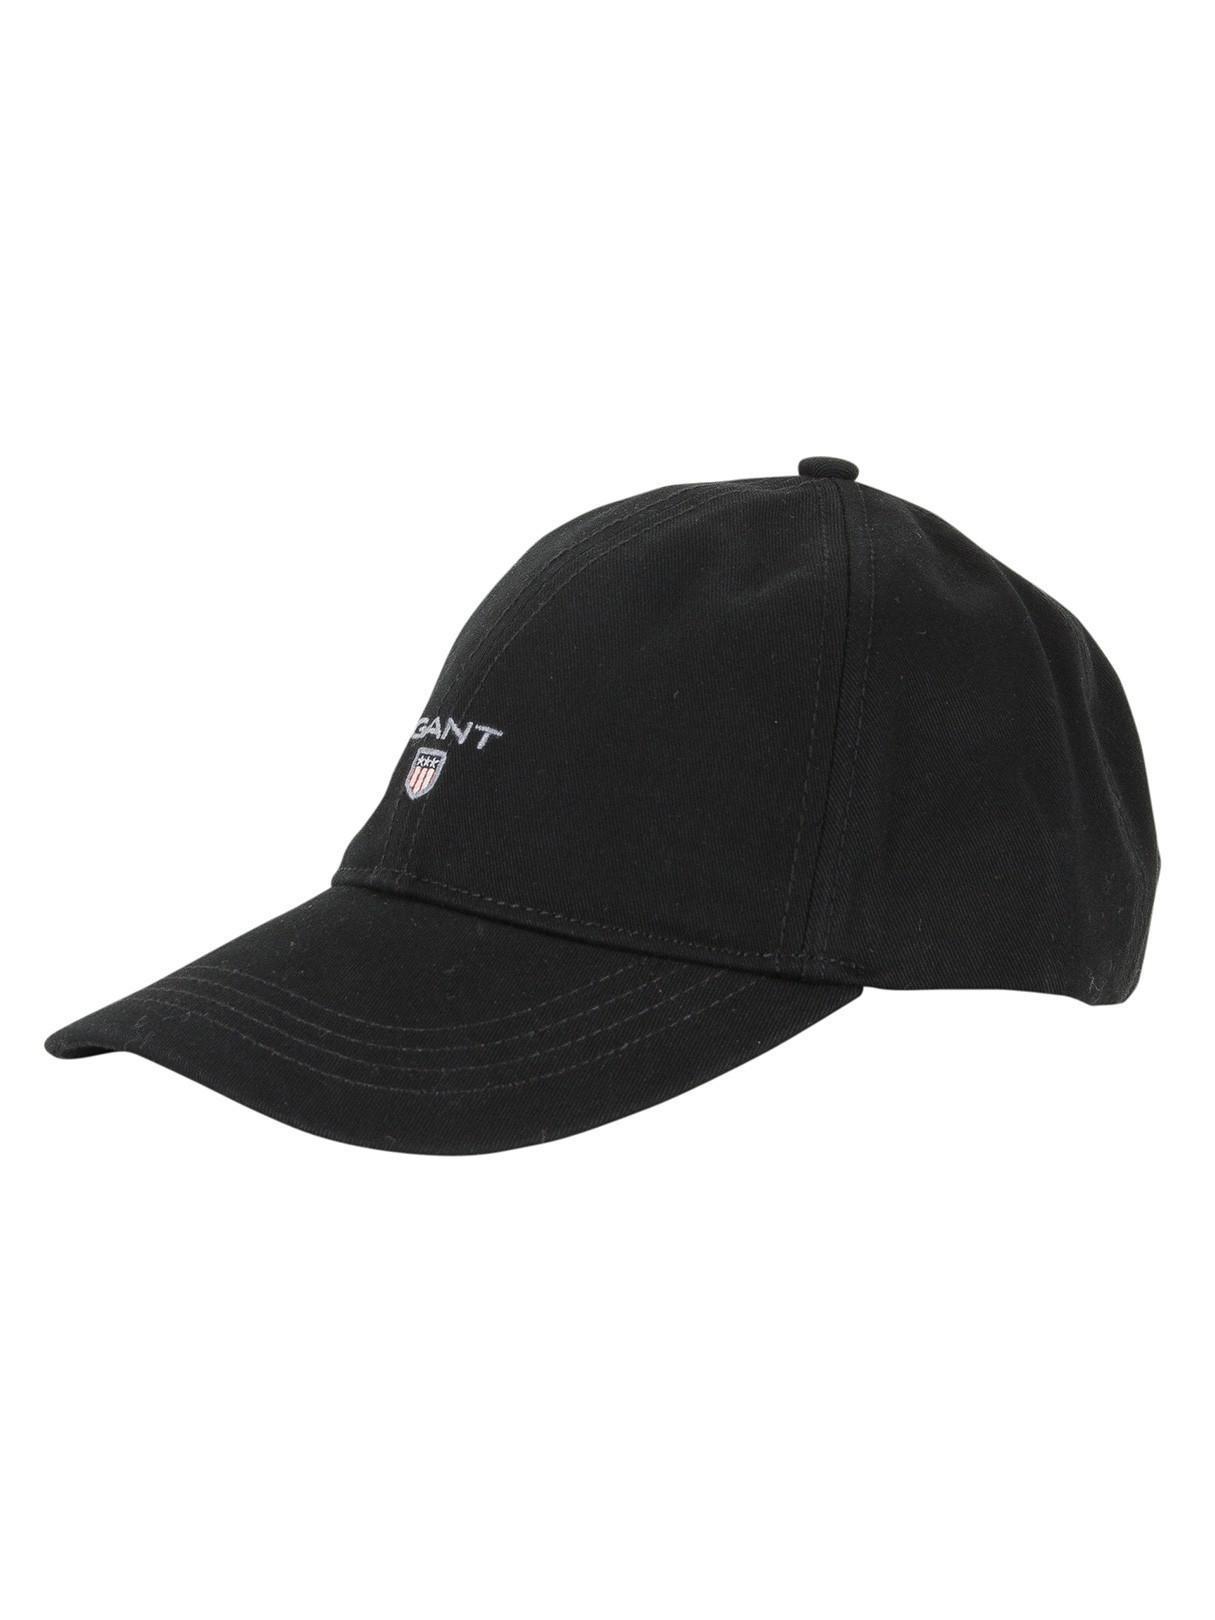 Lyst - GANT Black Twill Logo Cap in Black for Men - Save 41% 1f4724ae9db3